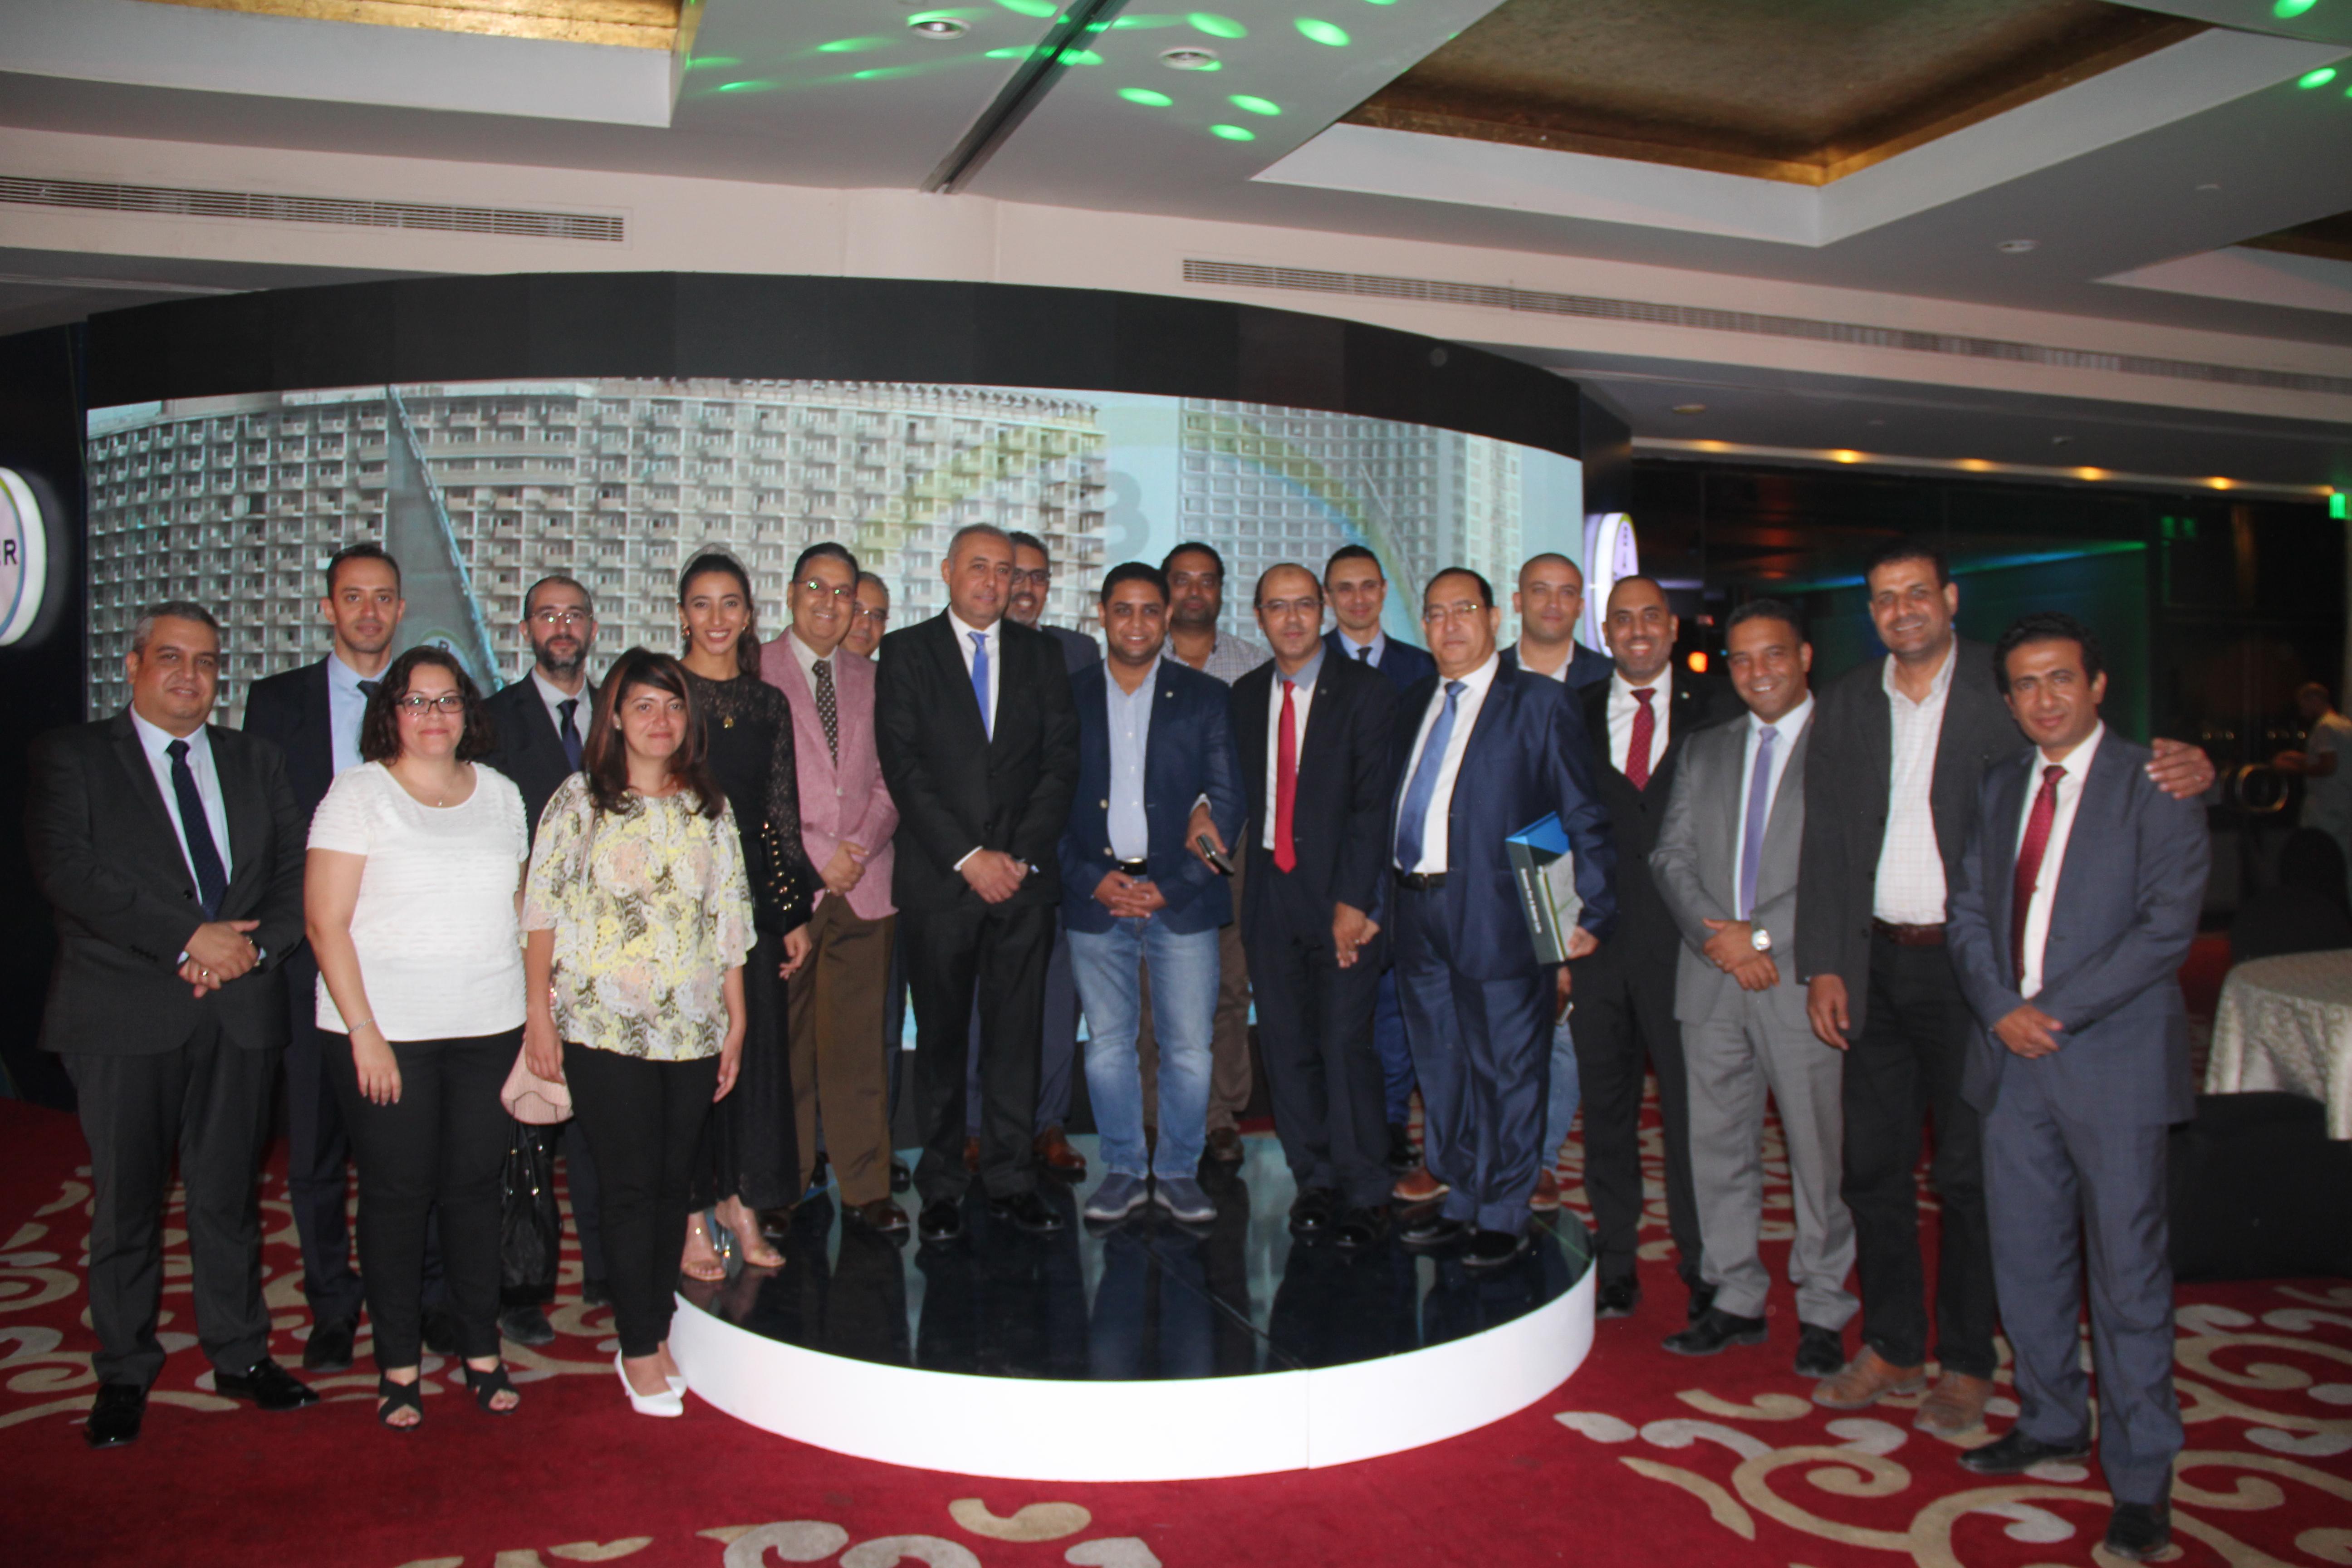 صورة خلال إحتفالية كبرى  شركة باير العالمية : نعمل منذ 90 عاما في مصر وننوي الاستمرار أكثر من 90 عاما أخرى